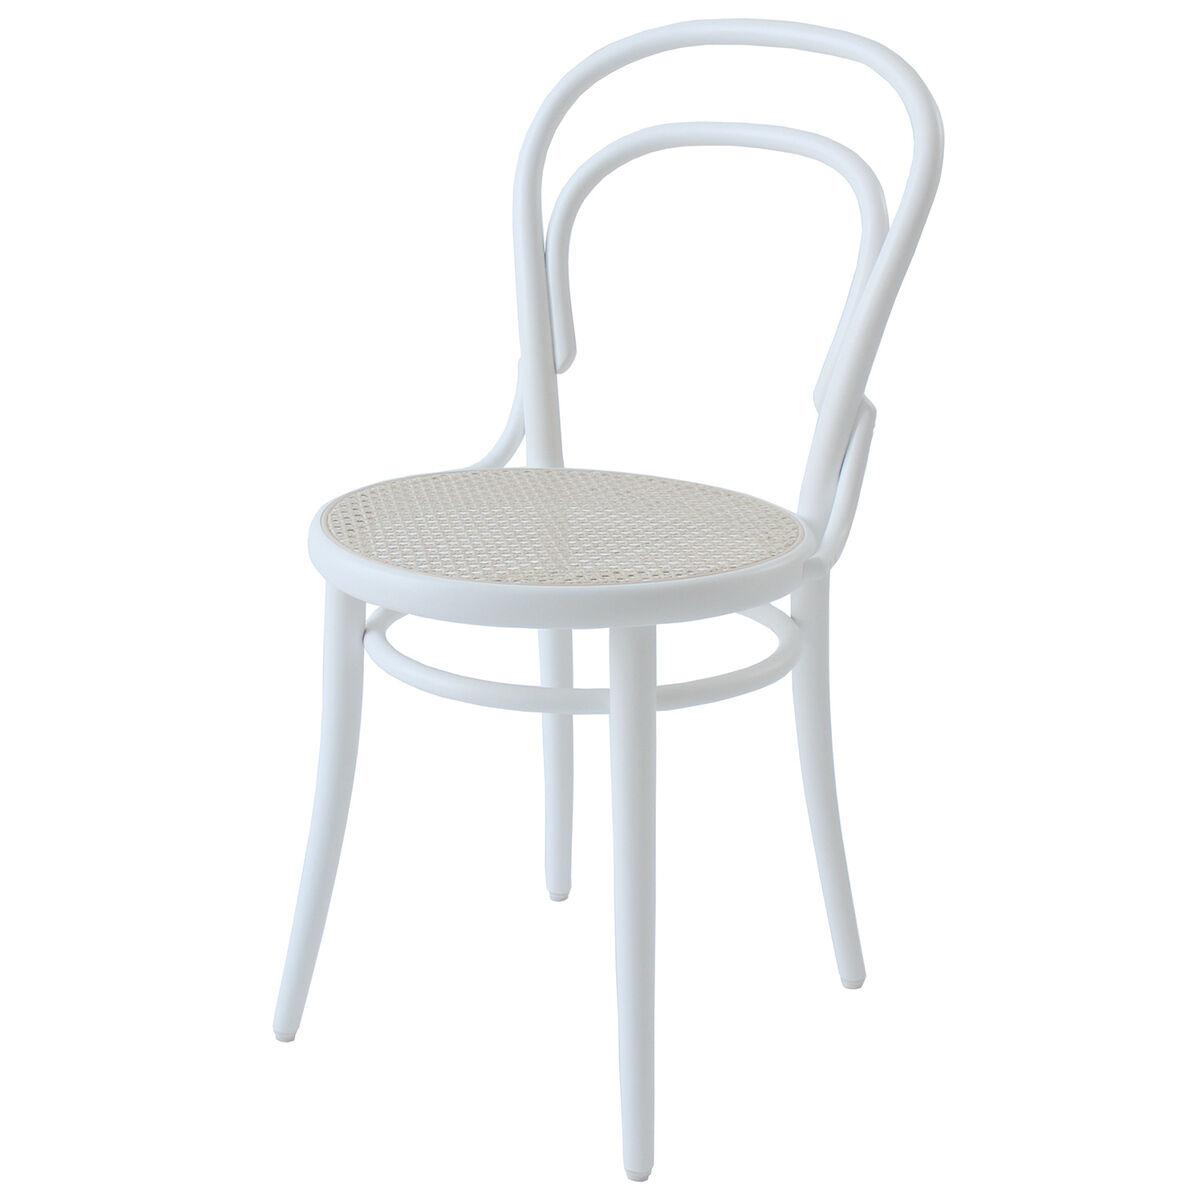 TON Chair 14 tuoli, rottinki - valkoinen